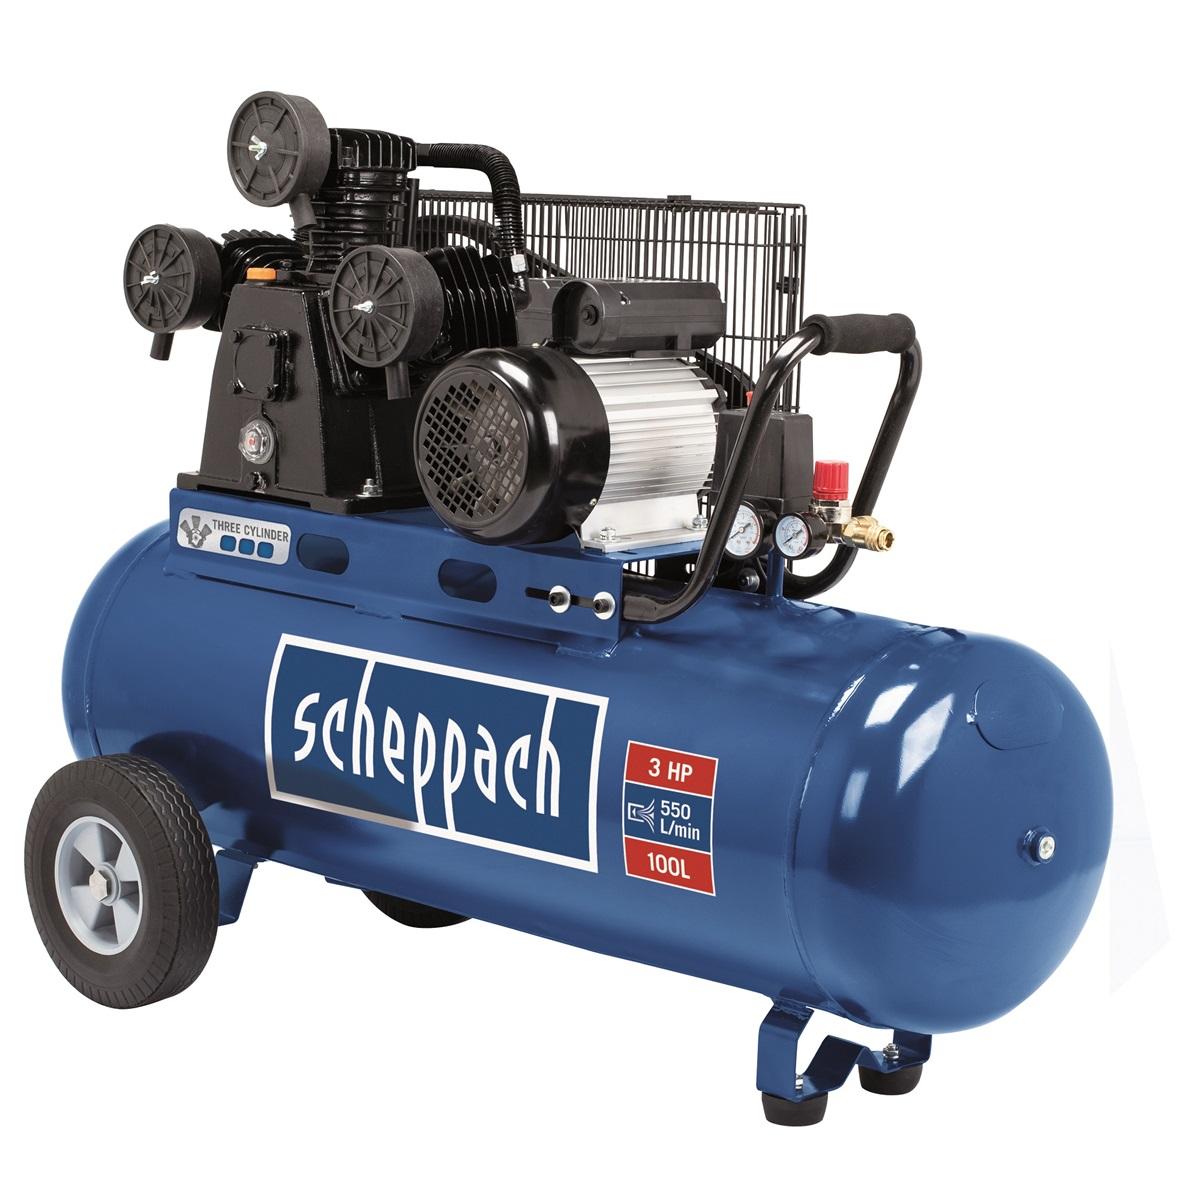 Scheppach HC 550 tc